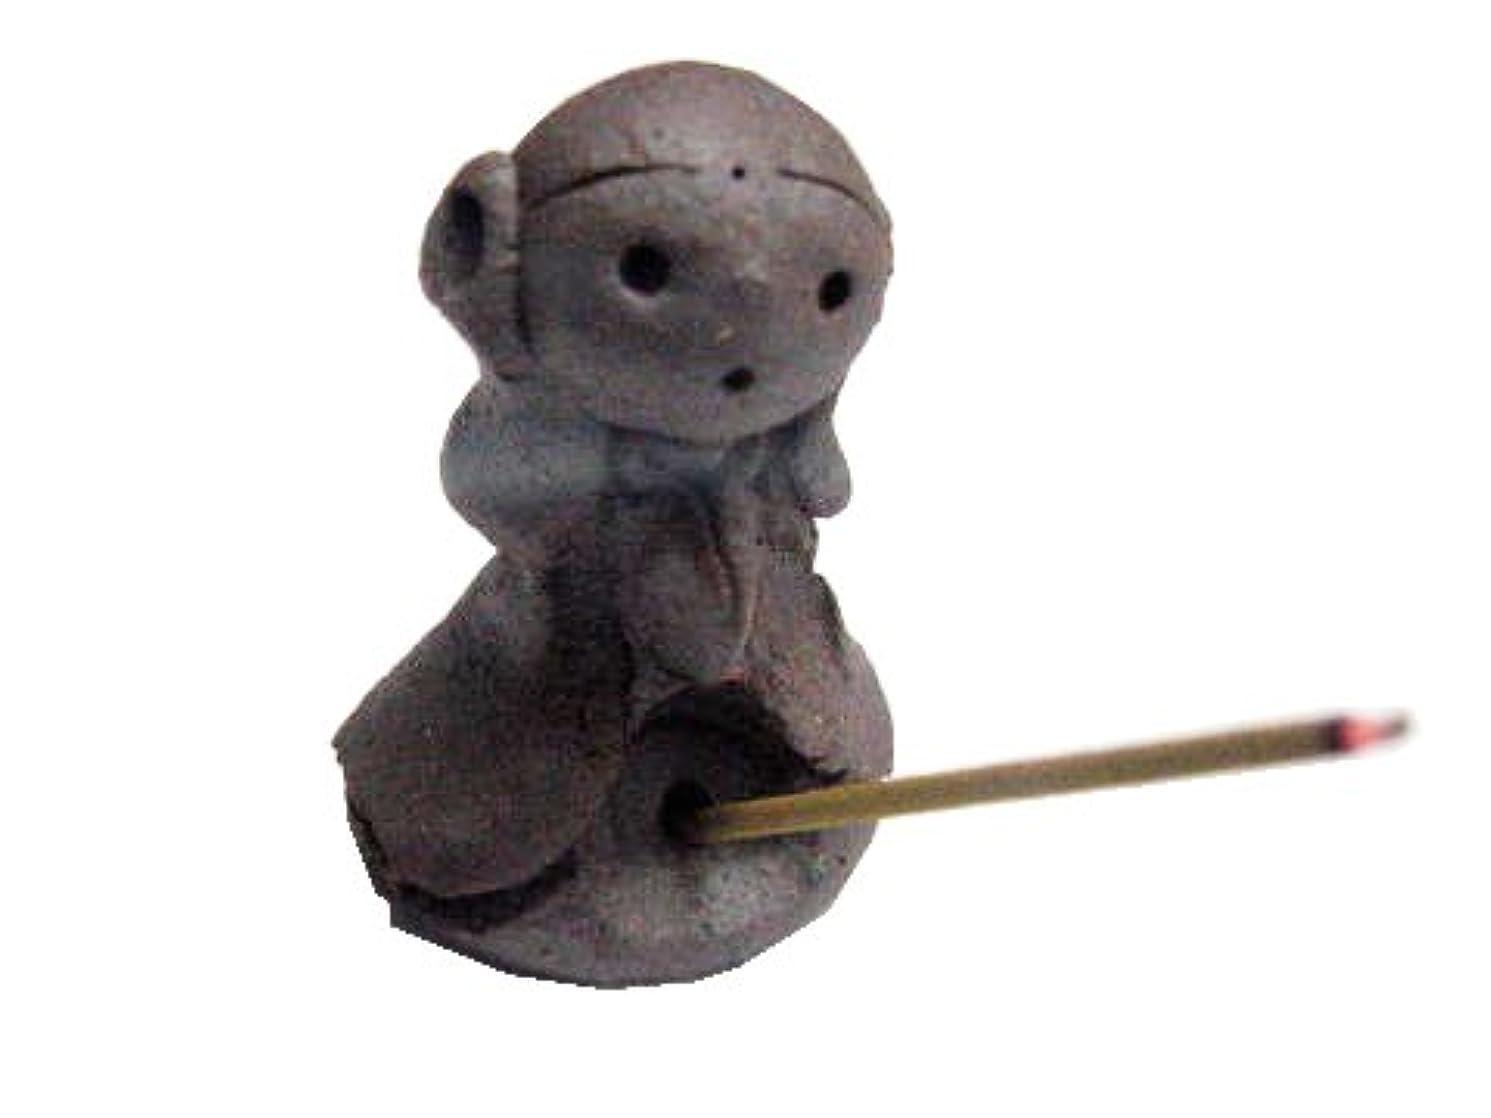 逃す不満暗くする淡路梅薫堂の可愛い幸せを呼ぶお地蔵様のお香立て スティック コーン かわいい incense stick cones holder #433